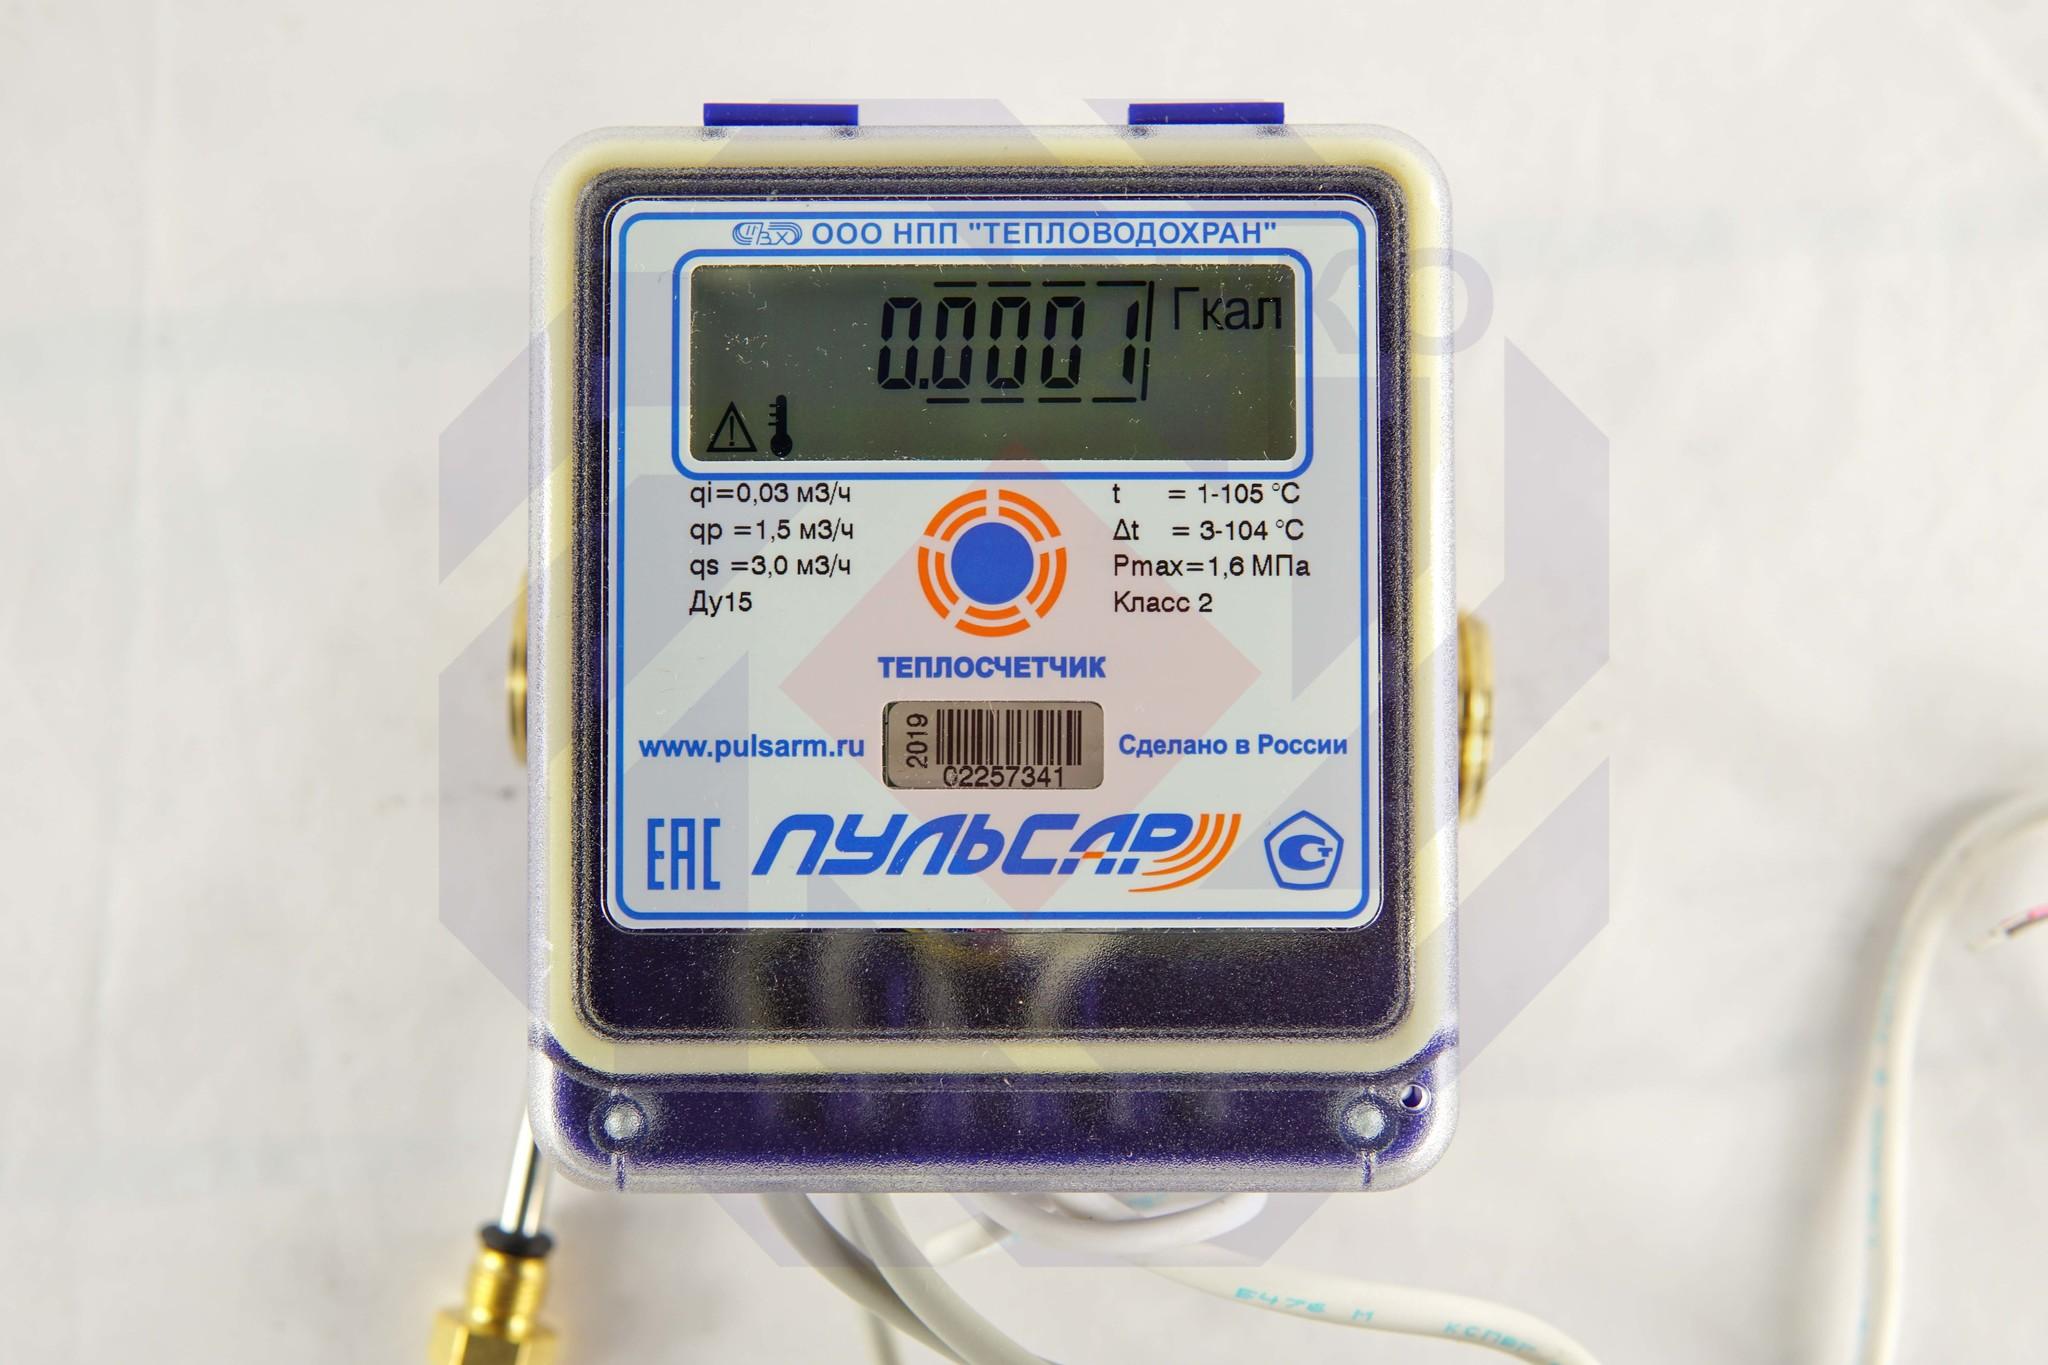 Теплосчетчик ТВХ Пульсар с 4 имп. входами и цифровым выходом RS-485 DN 15 1,5